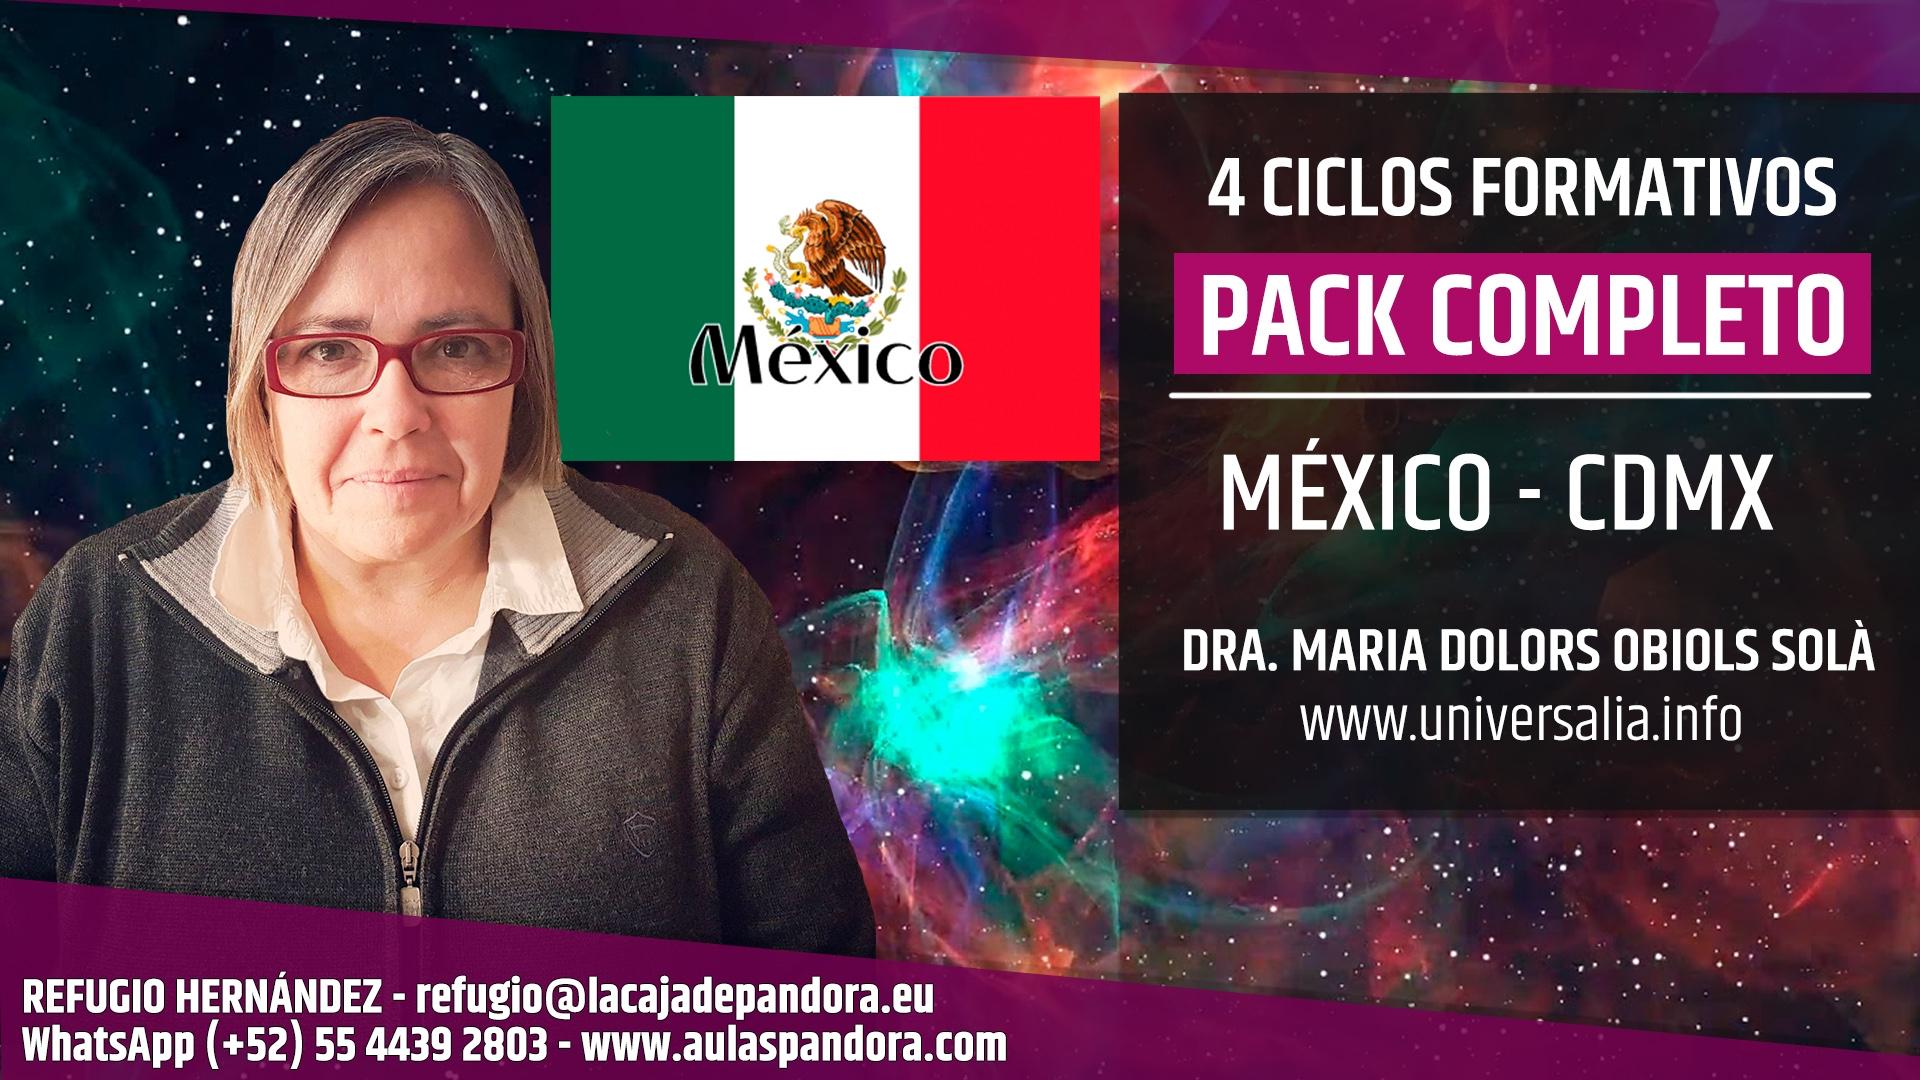 Maria Dolors Obiols - MEXICO 2019